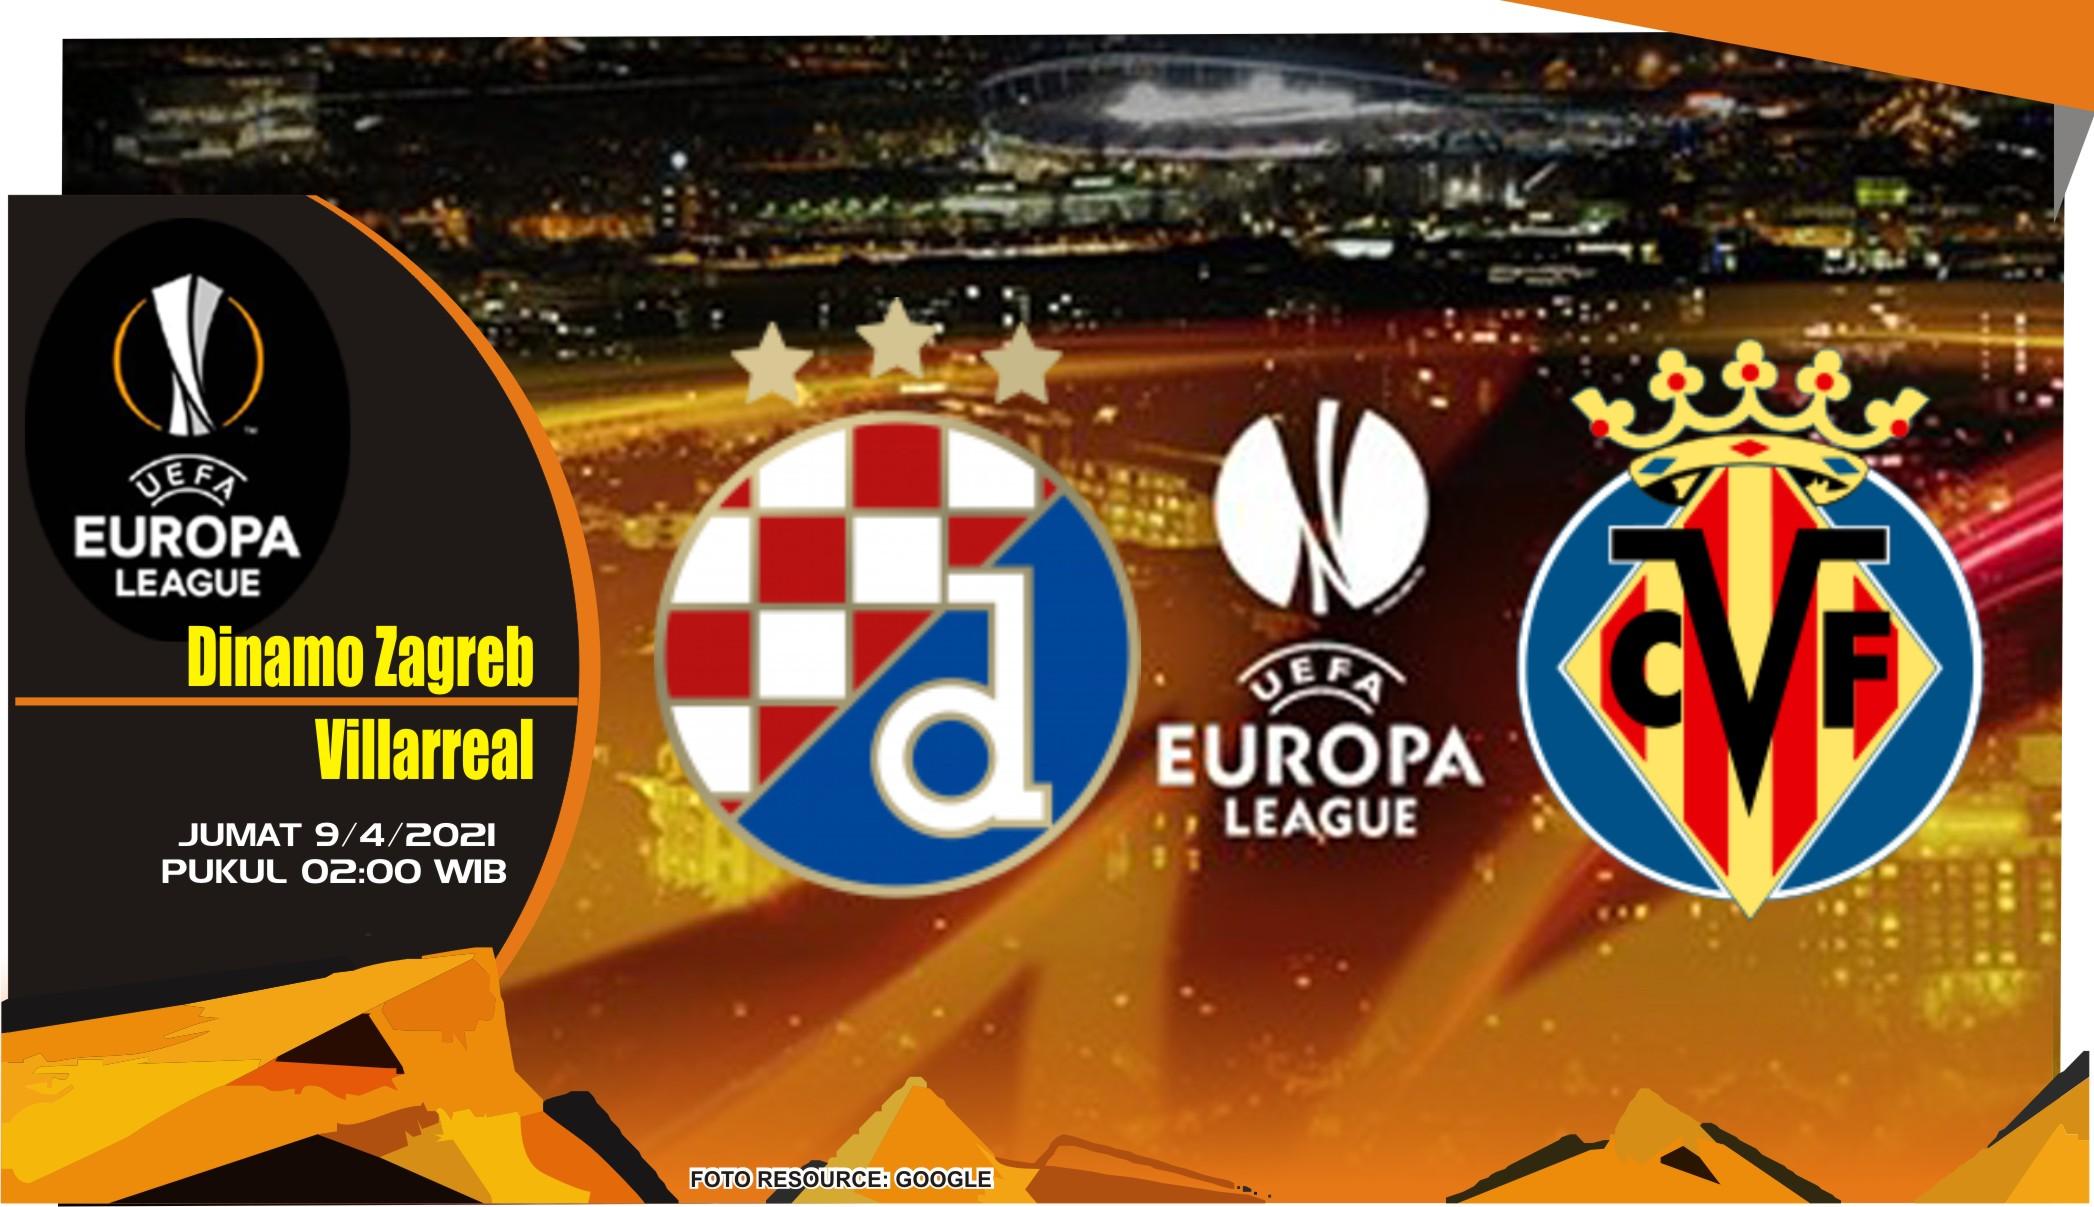 Prediksi Liga Europa: Dinamo Zagreb vs Villarreal - 9 April 2021